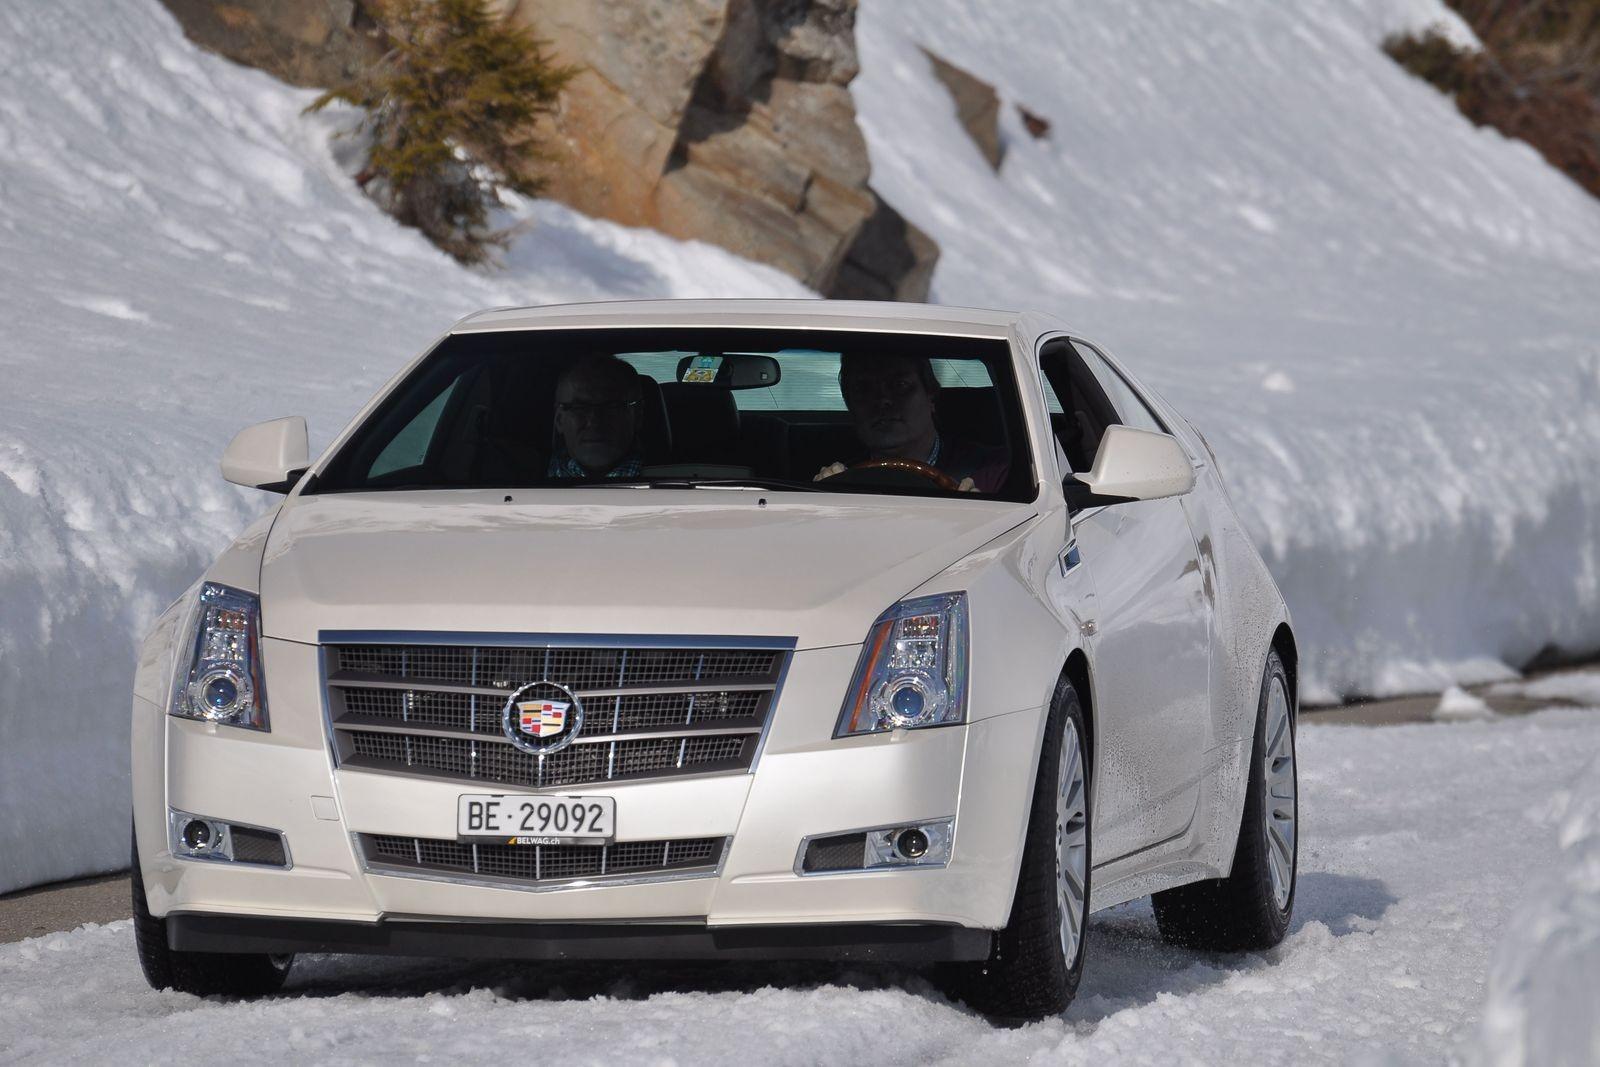 Заморские запчасти и автомат, как у УАЗ Патриот: стоит ли покупать Cadillac CTS II за 900 тысяч